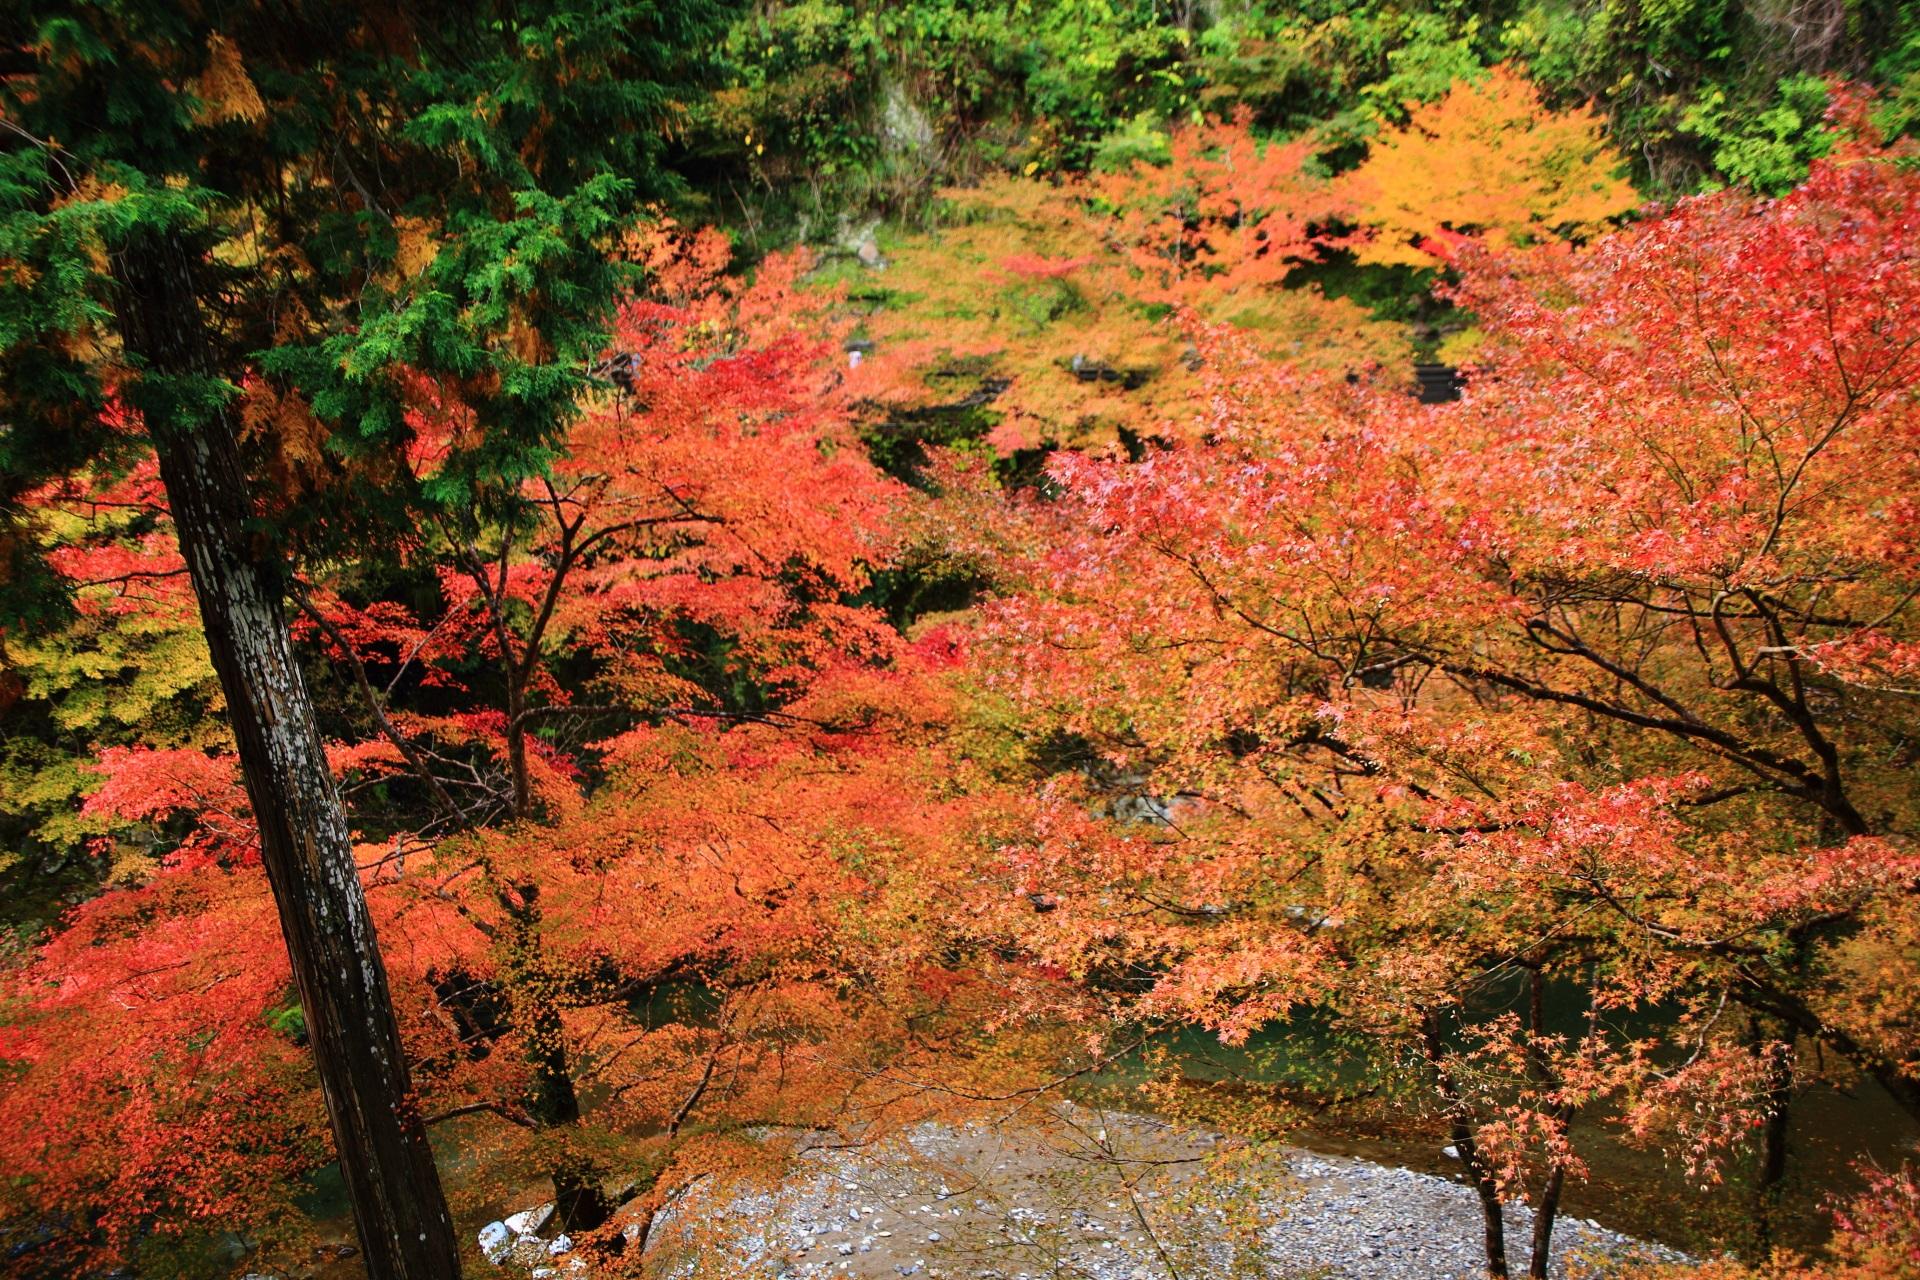 指月橋から西明寺表門まで続く石段から眺めた清滝川の紅葉